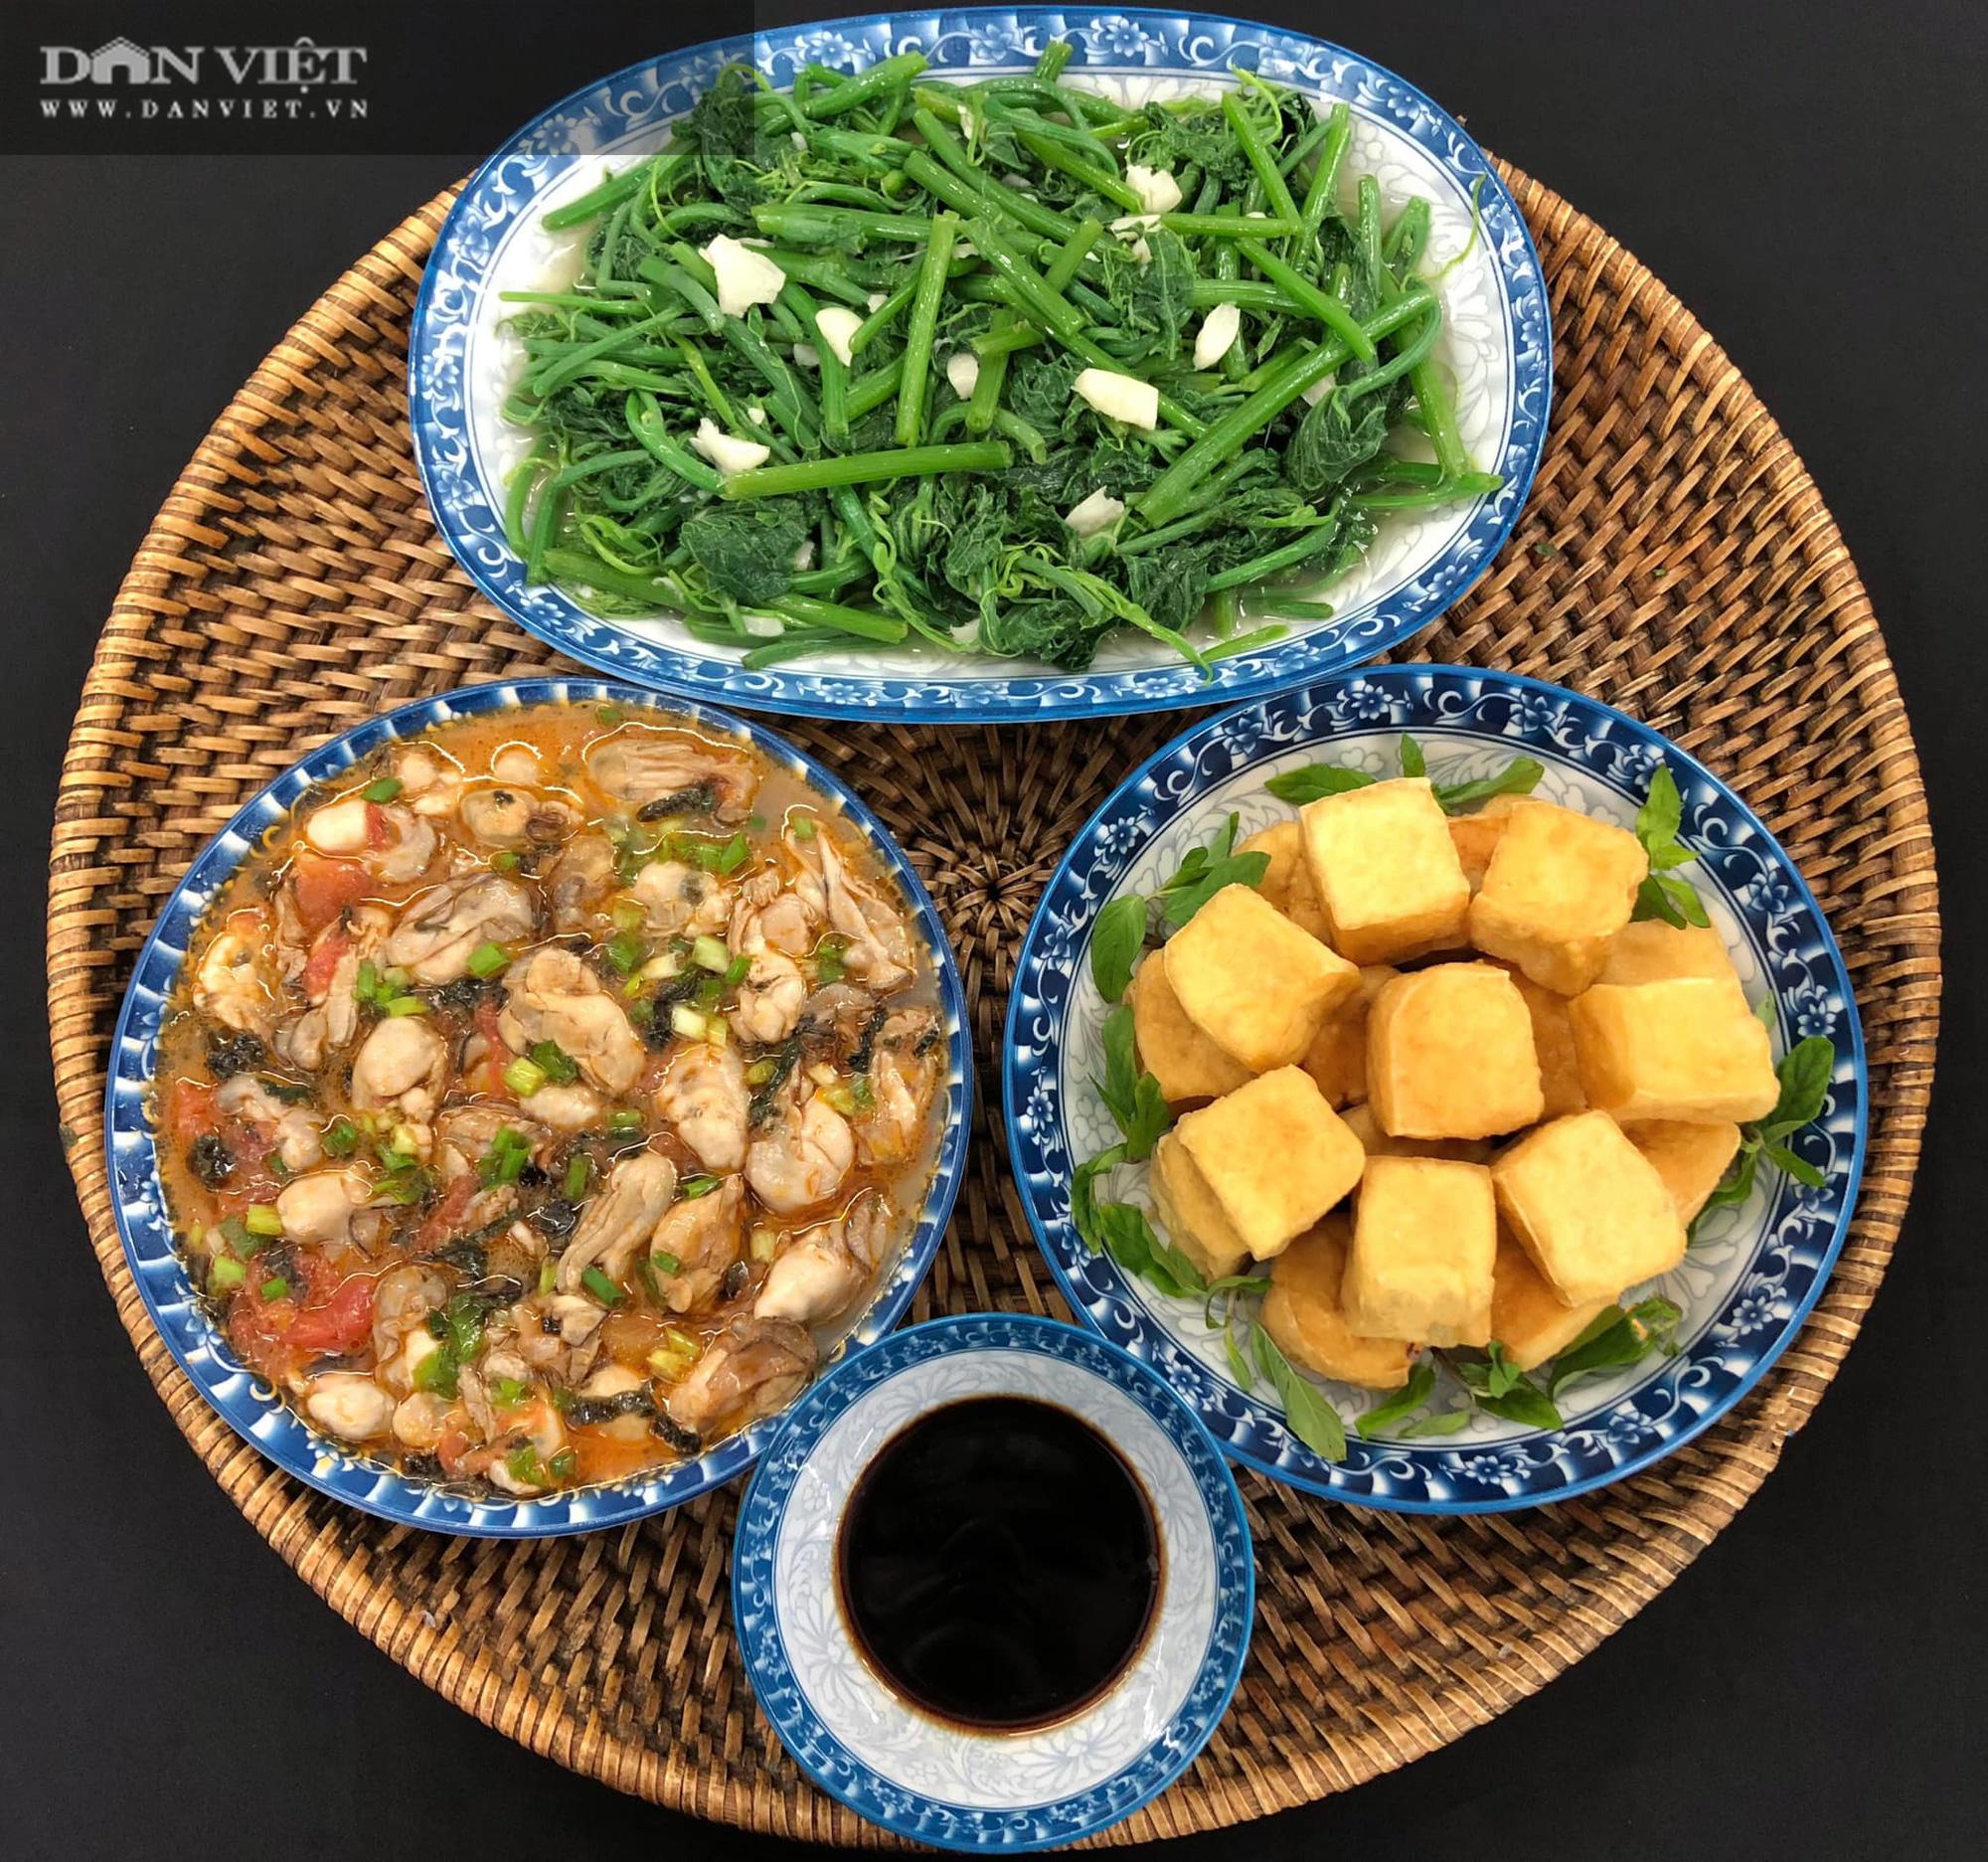 Gợi ý 7 thực đơn đủ dinh dưỡng cho bữa cơm gia đình - Ảnh 6.